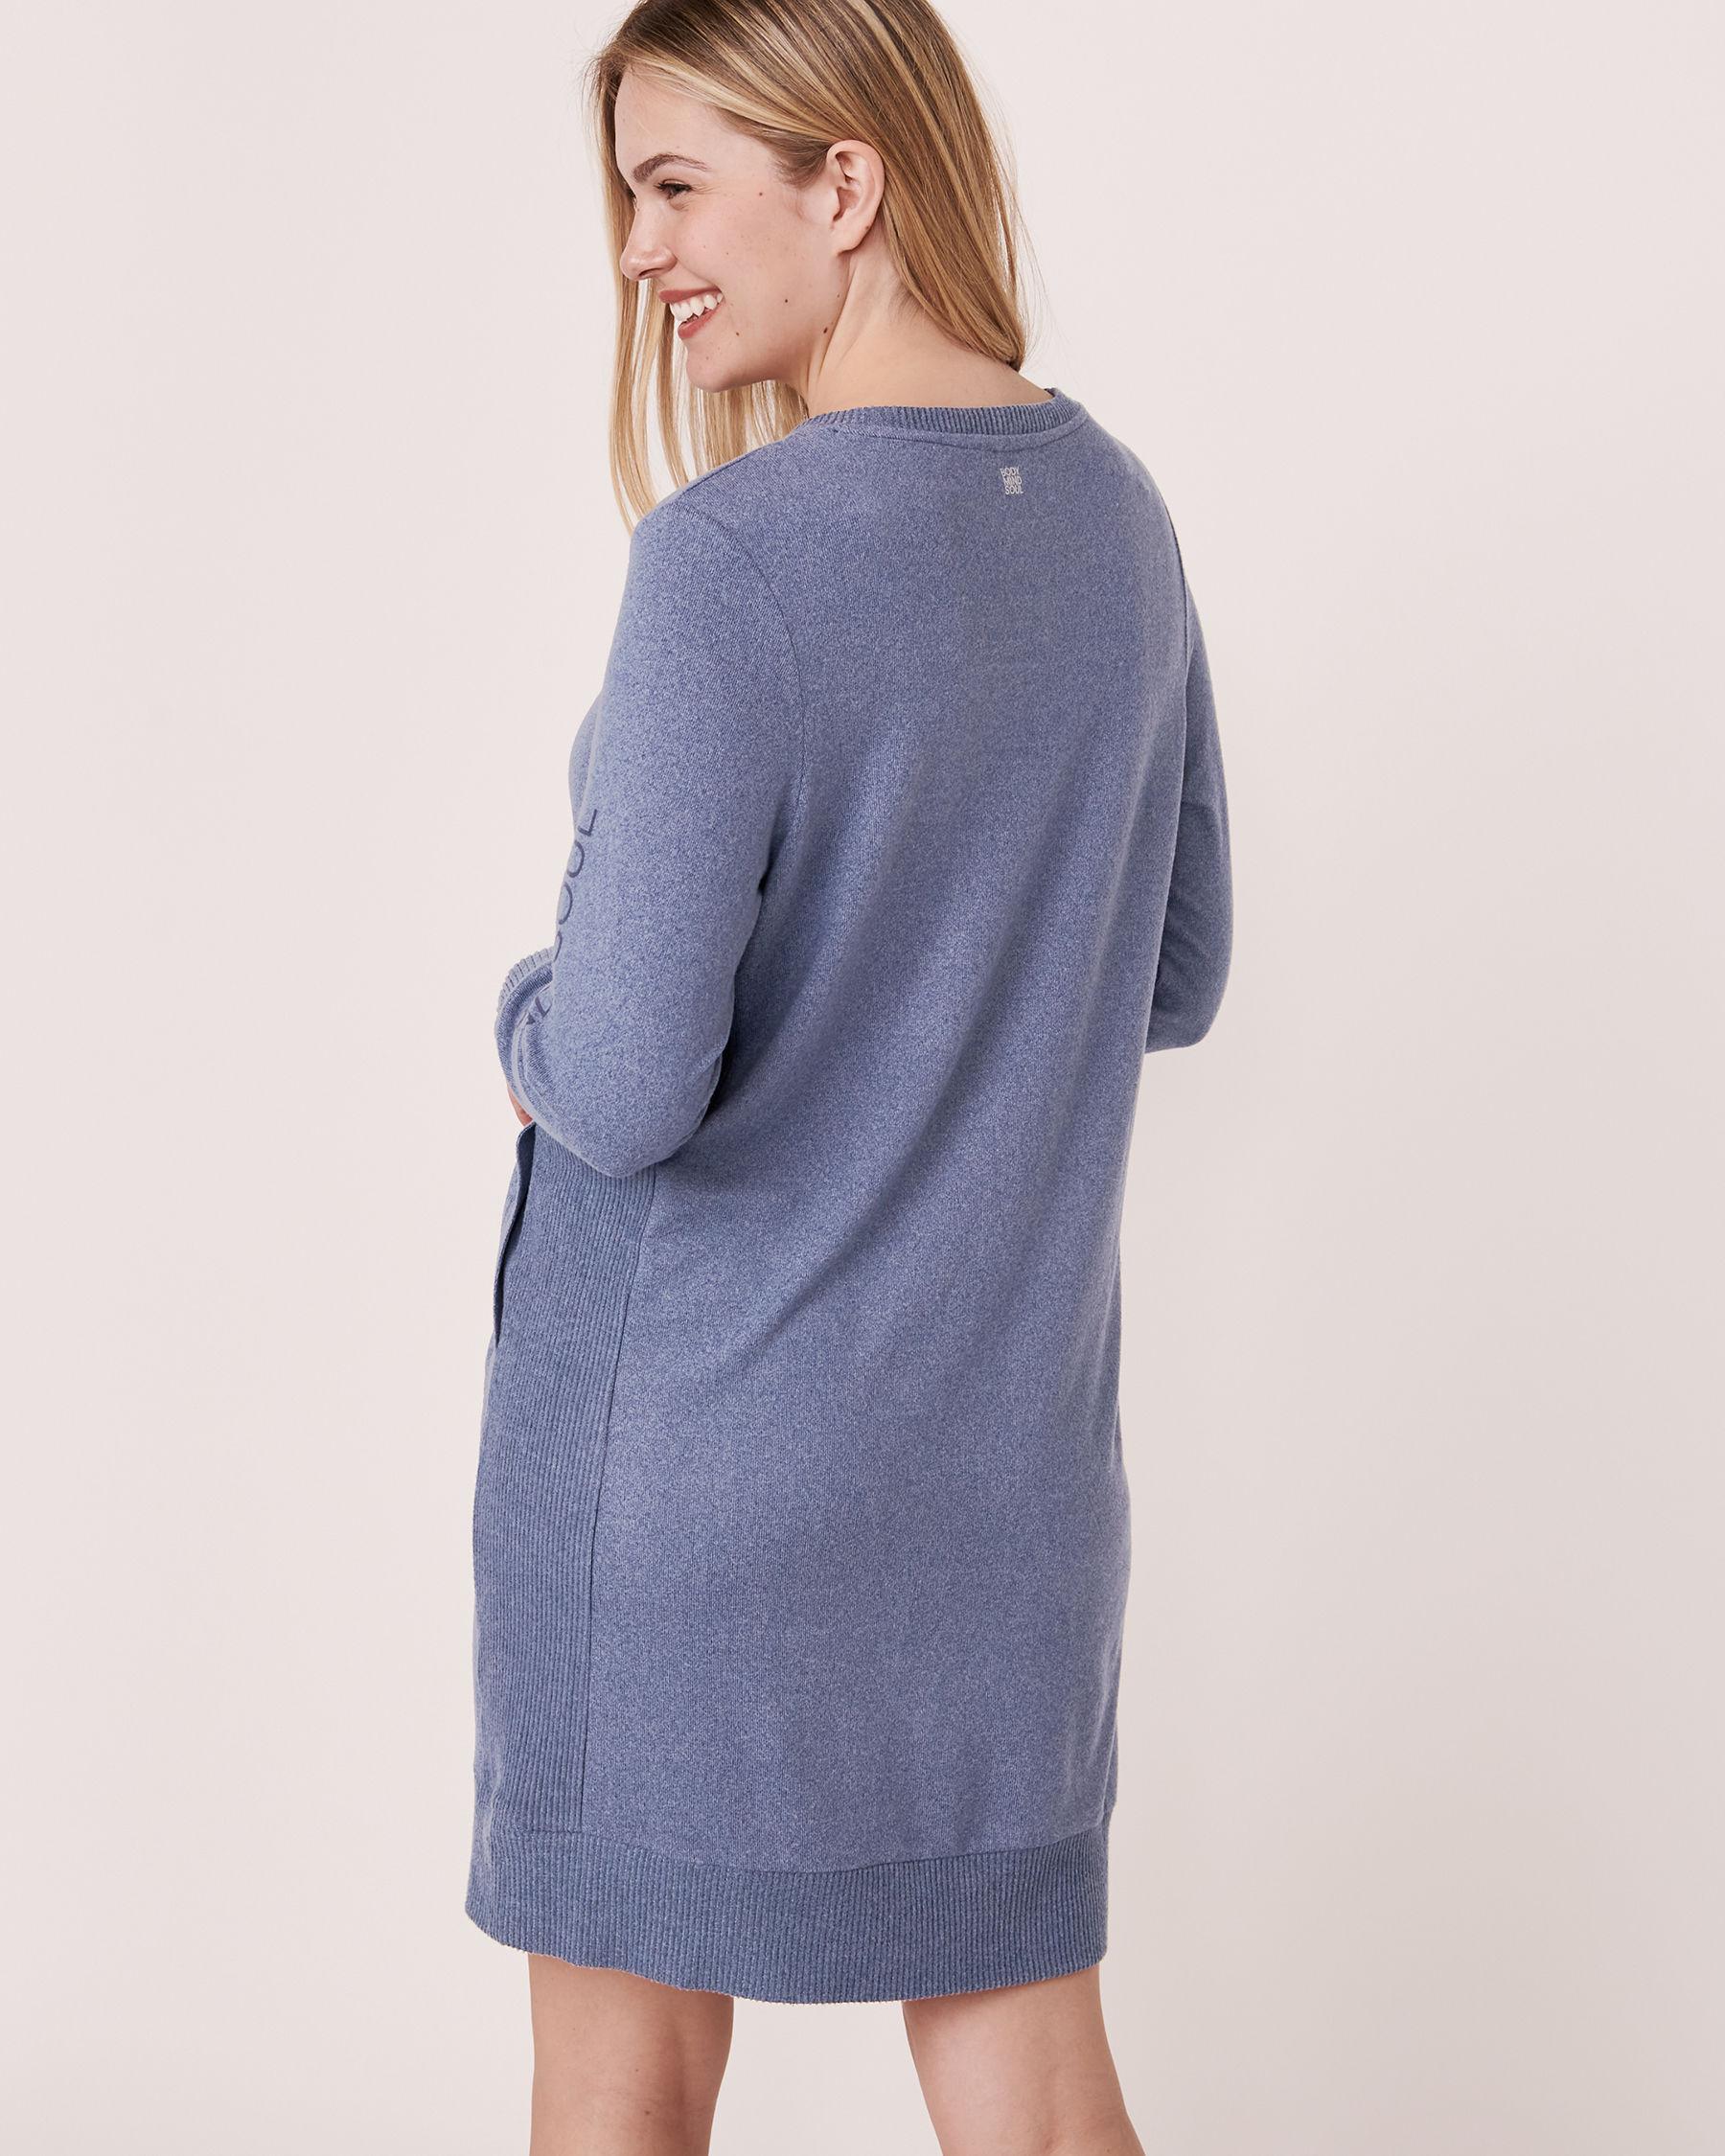 LA VIE EN ROSE Robe manches longues en tricot doux Mélange bleu jeans 50400006 - Voir4